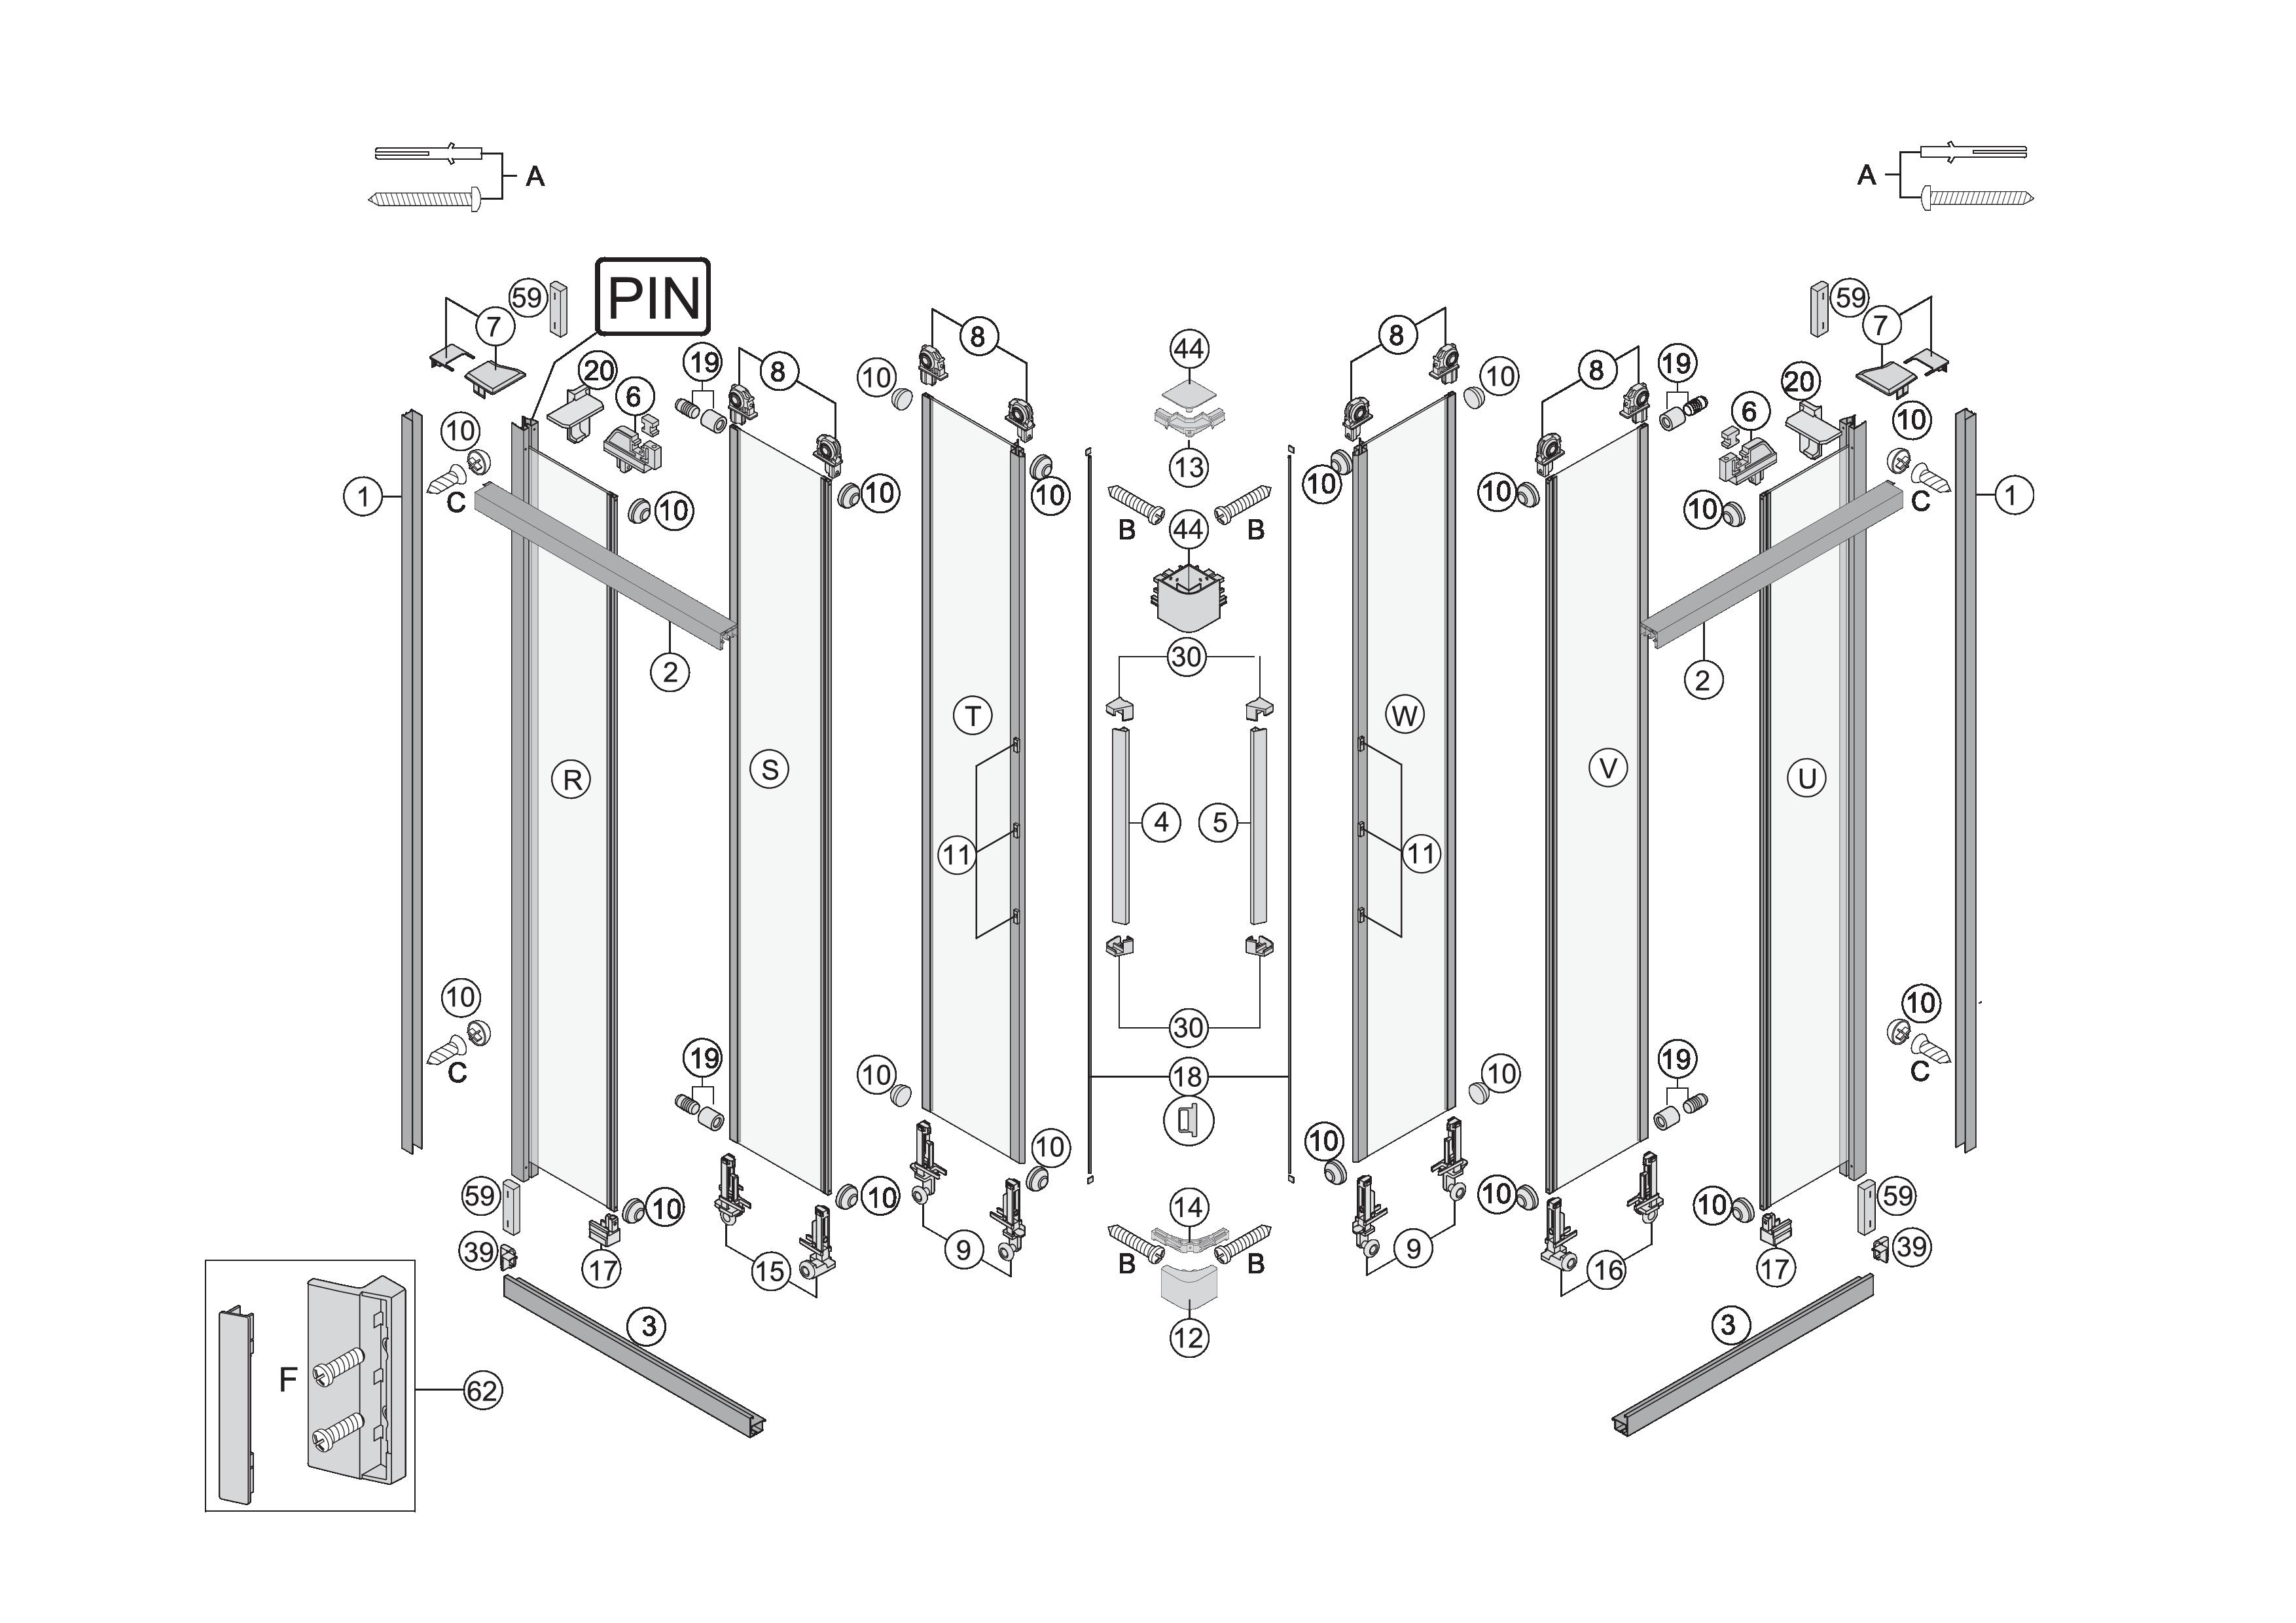 Full Size of Koralle Dusche Badewanne Grohe Thermostat Hüppe Duschen Behindertengerechte Siphon Mit Haltegriff Fliesen Begehbare Ohne Tür Barrierefreie Schiebetür Dusche Koralle Dusche